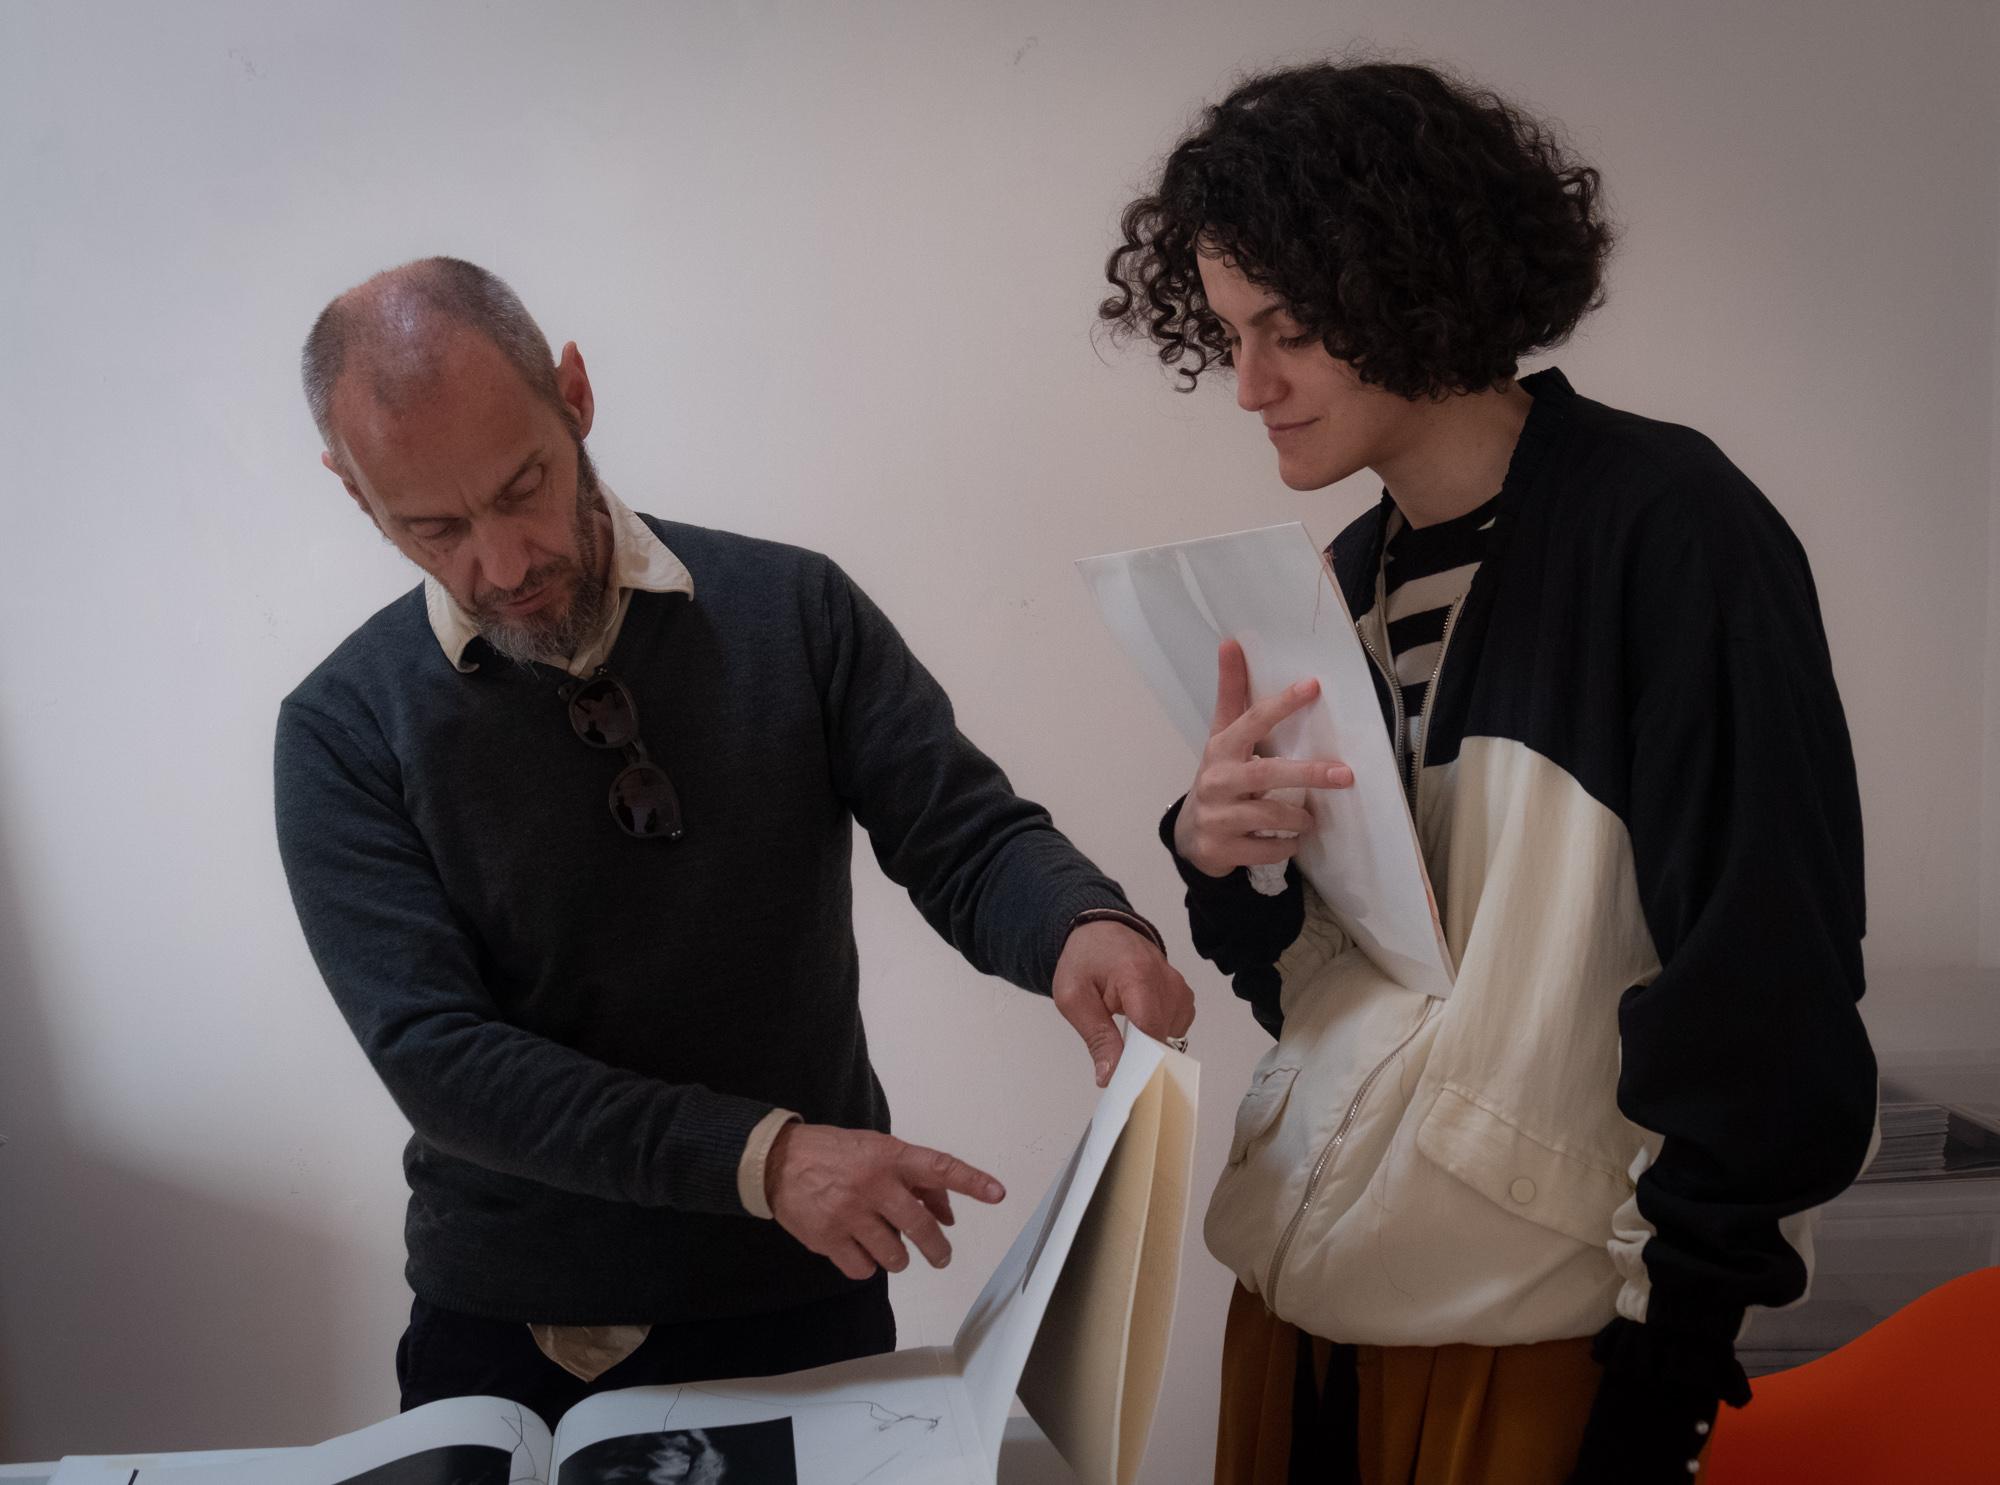 Gli artefici di Origini edizioni, Valentino Barachini e Matilde Vittoria Laricchia, fotografati da Carlo Zei